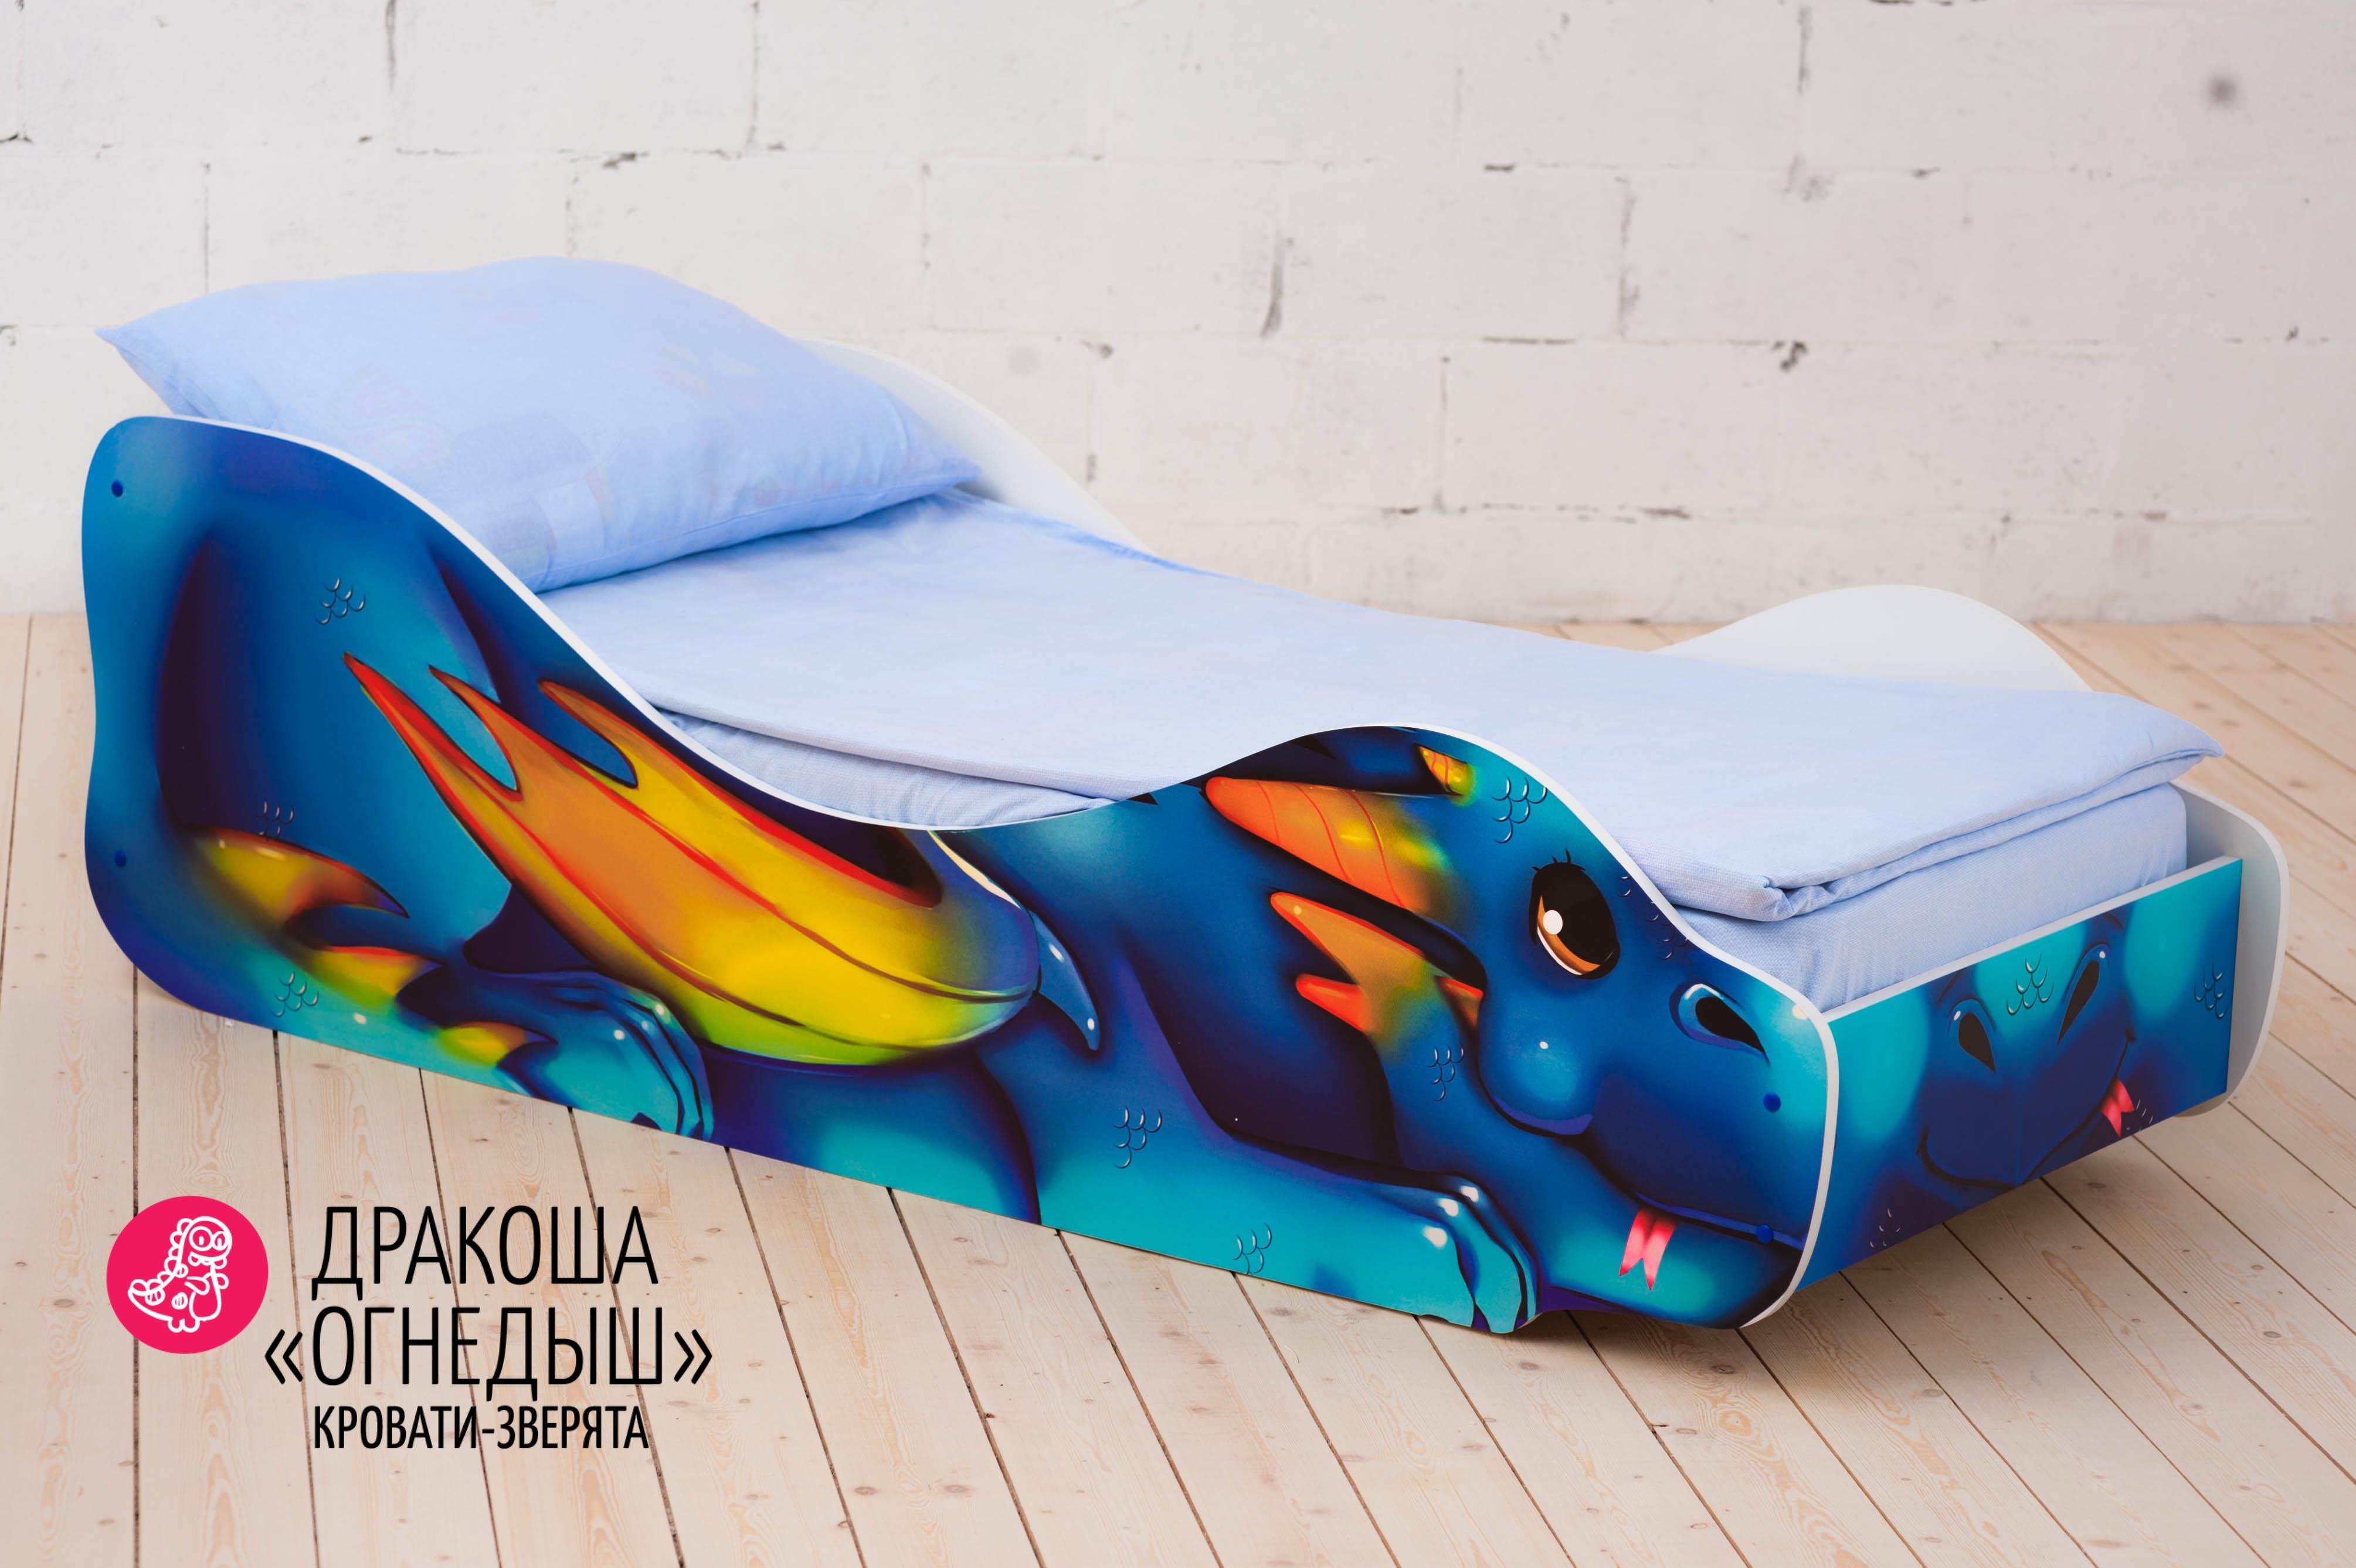 Детская кровать-зверенок -Дракоша-Огнедыш-1